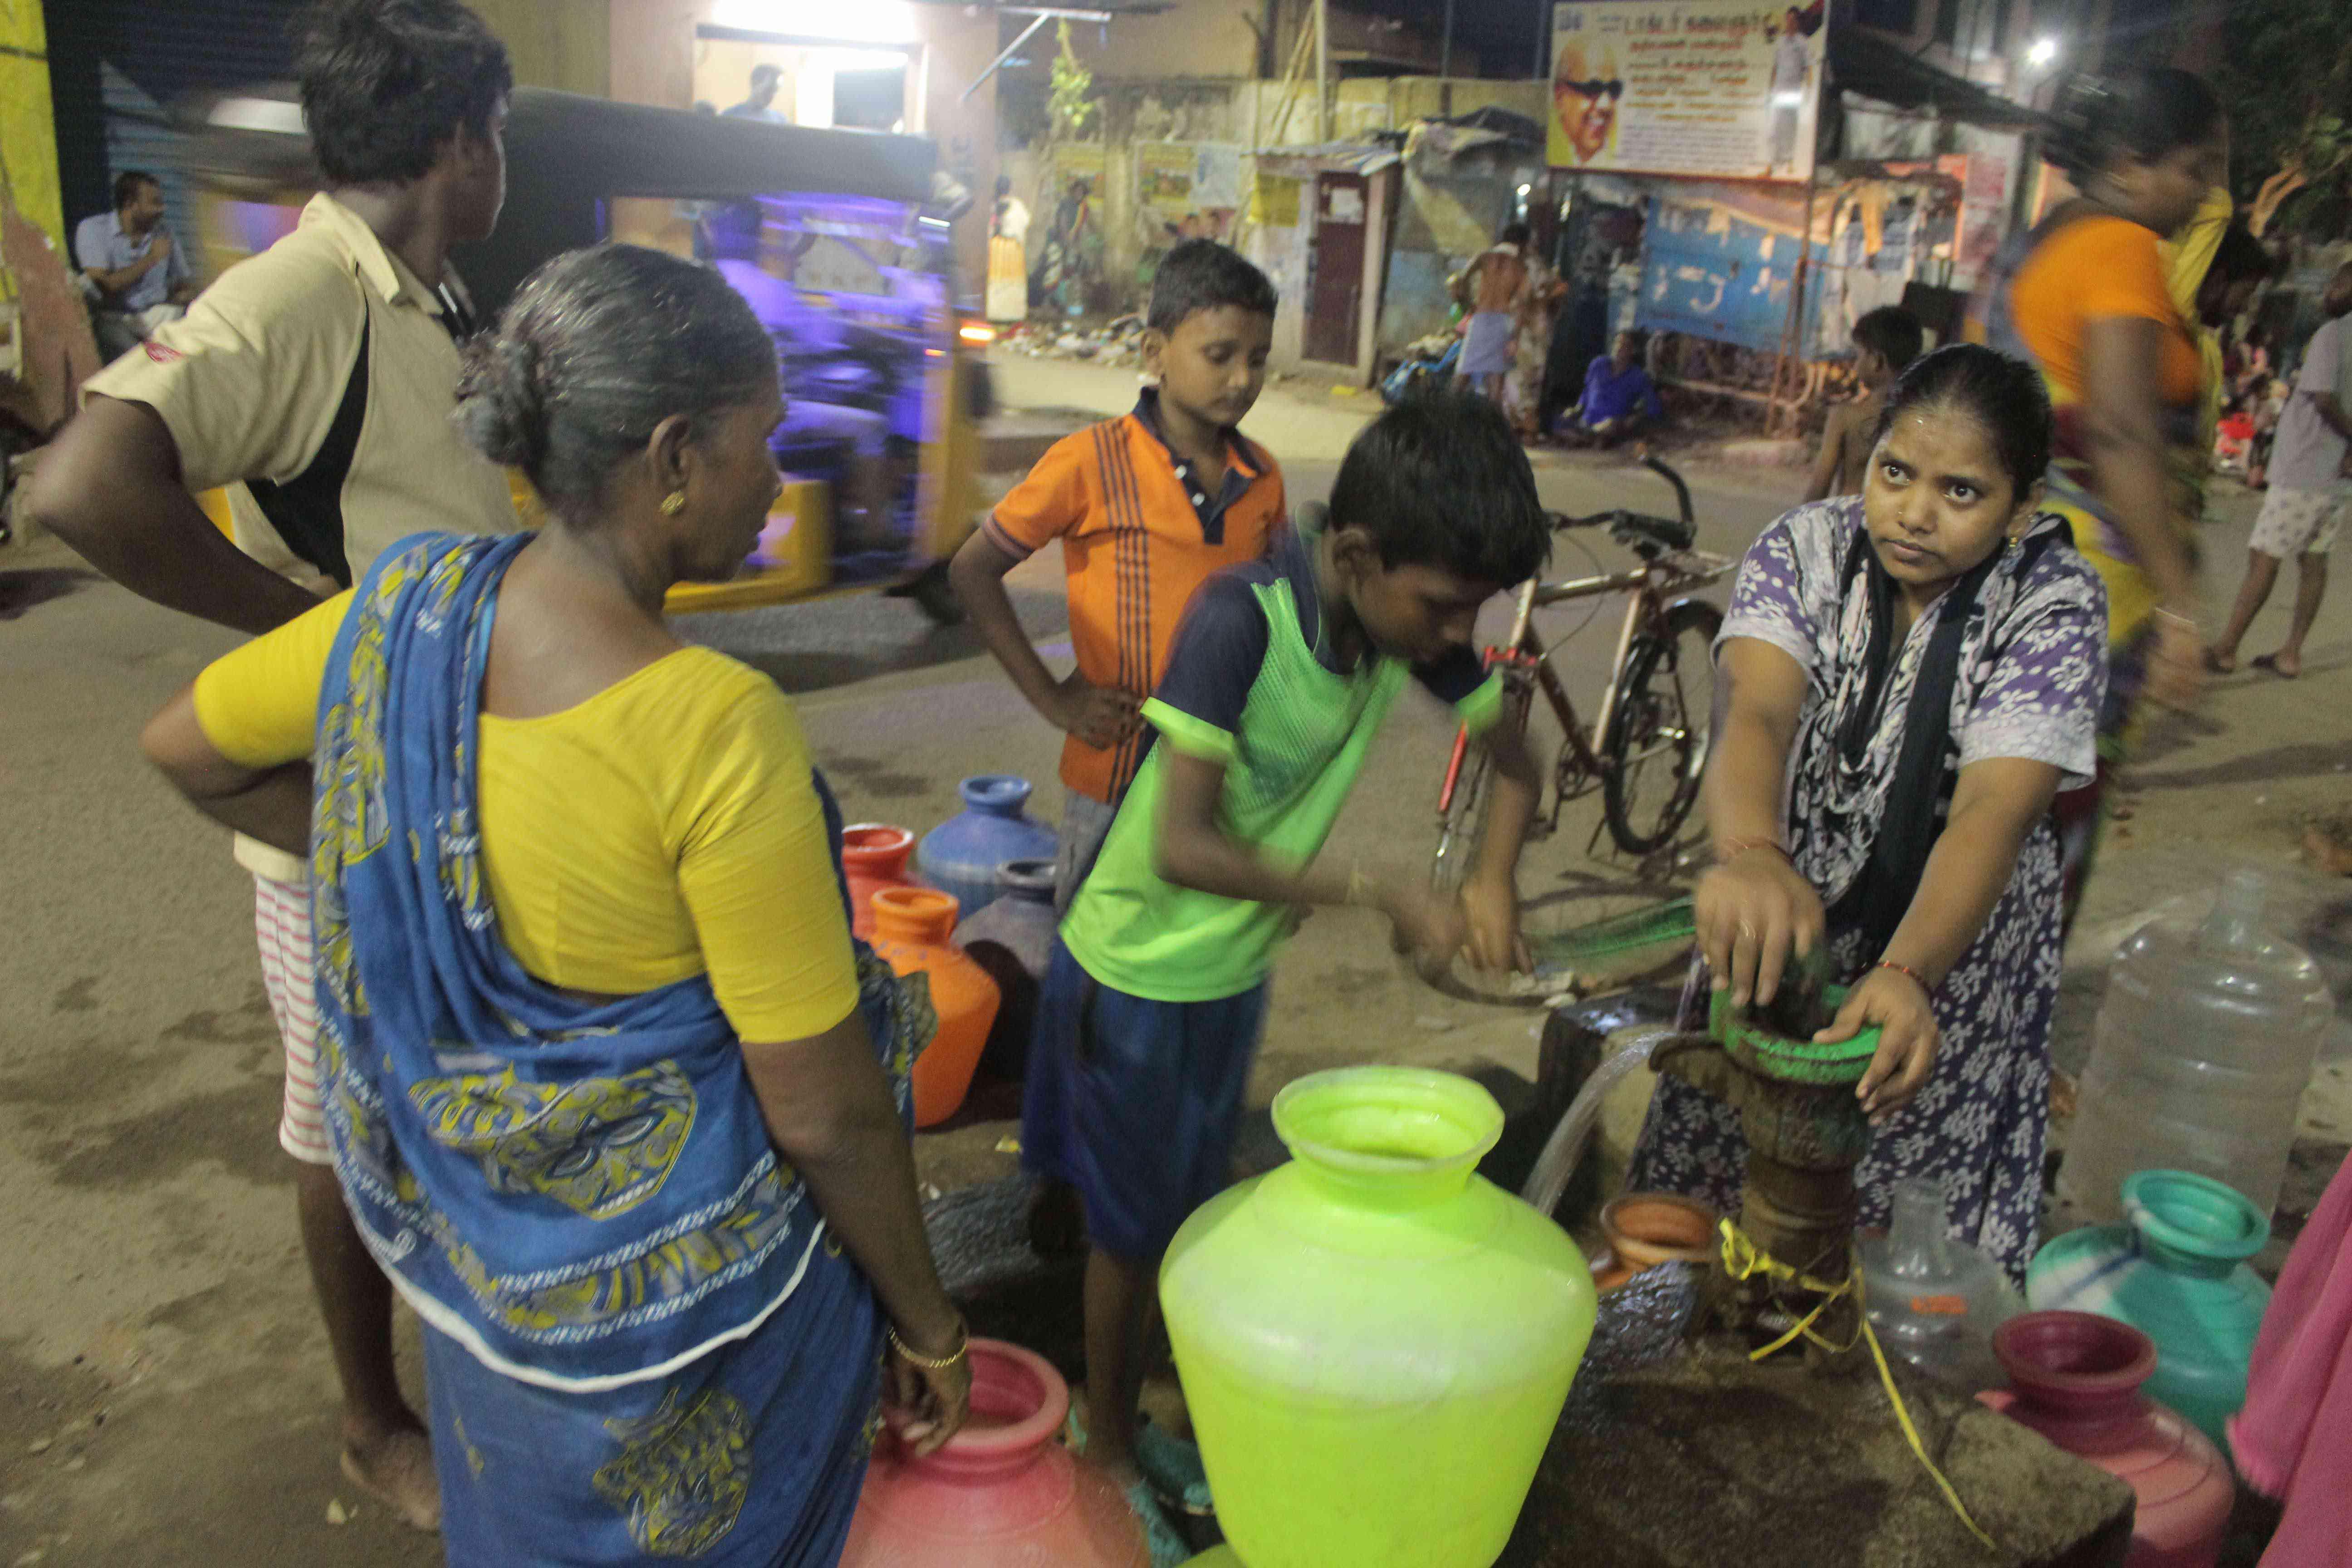 T Nagamma, extreme right, fills water from a hand pump in Anjaneya Nagar, Chennai. Photo credit: S Senthalir